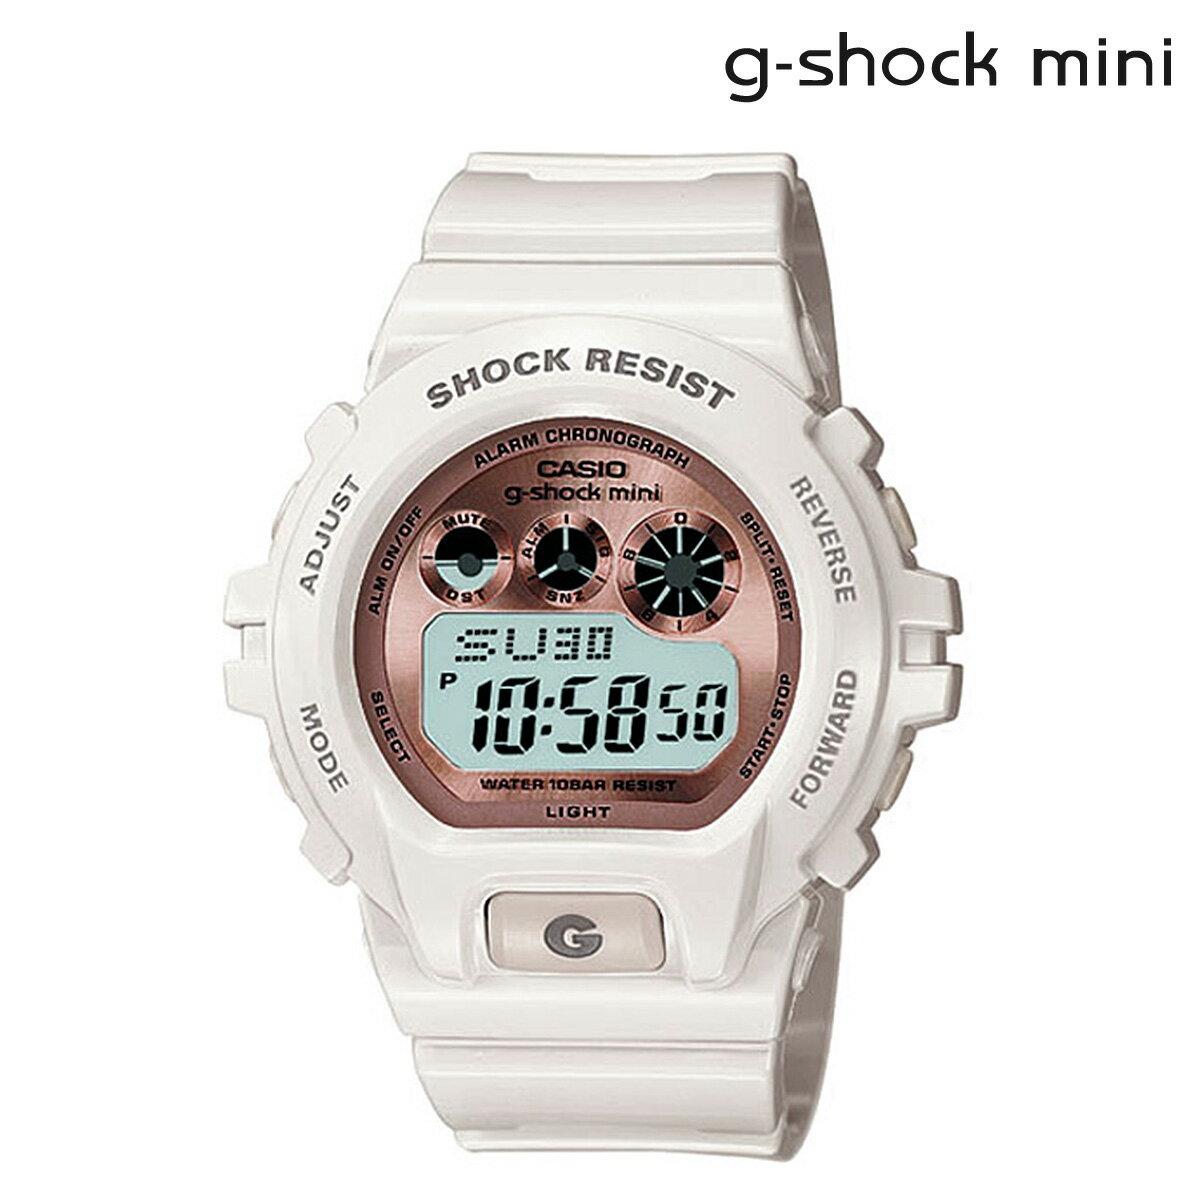 腕時計, レディース腕時計 1000OFF CASIO g-shock mini GMN-691-7BJF G G-